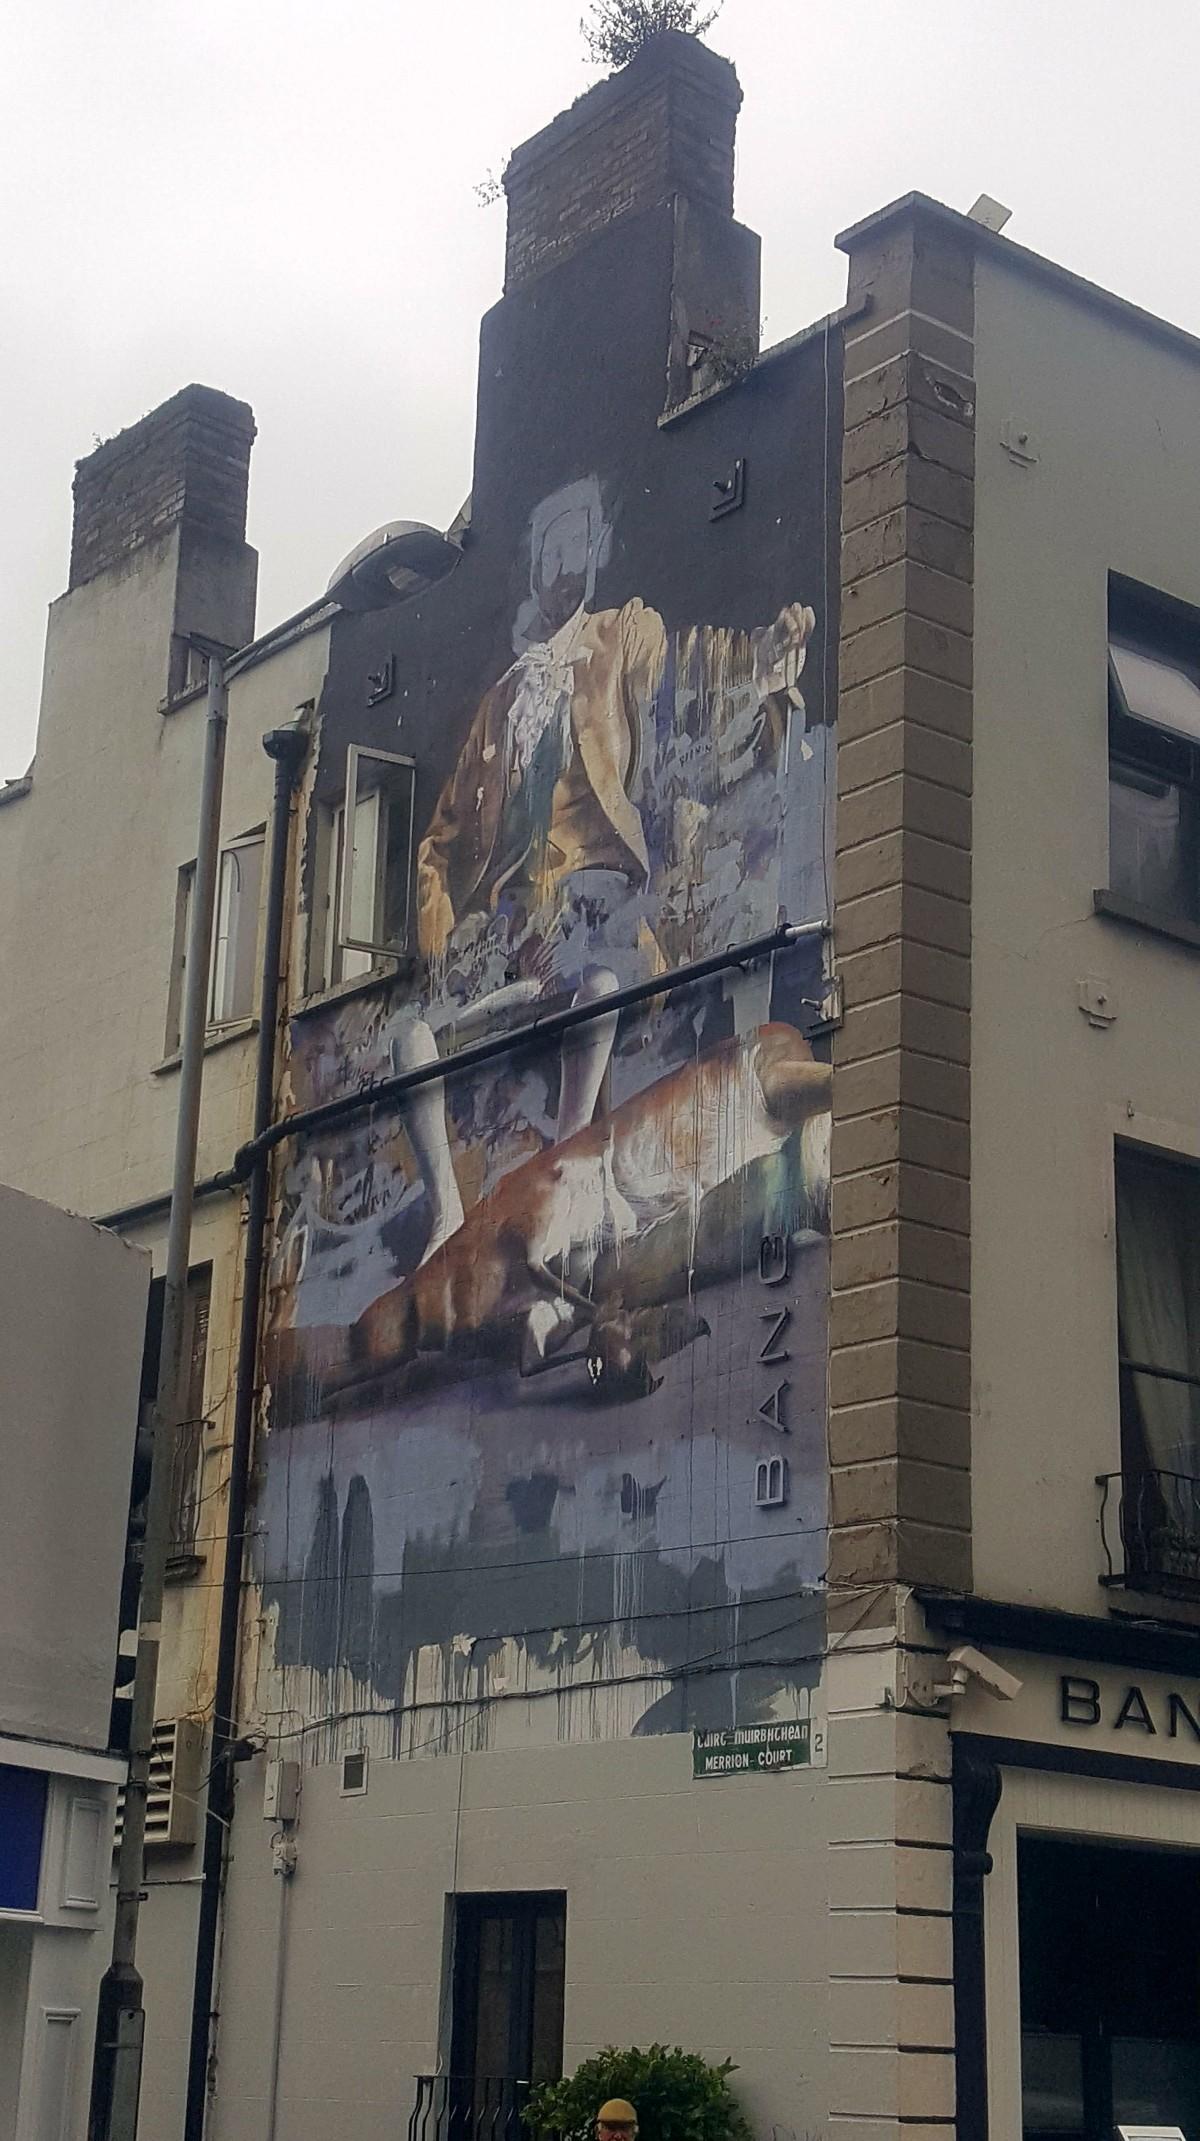 Dublin Aesthetics II